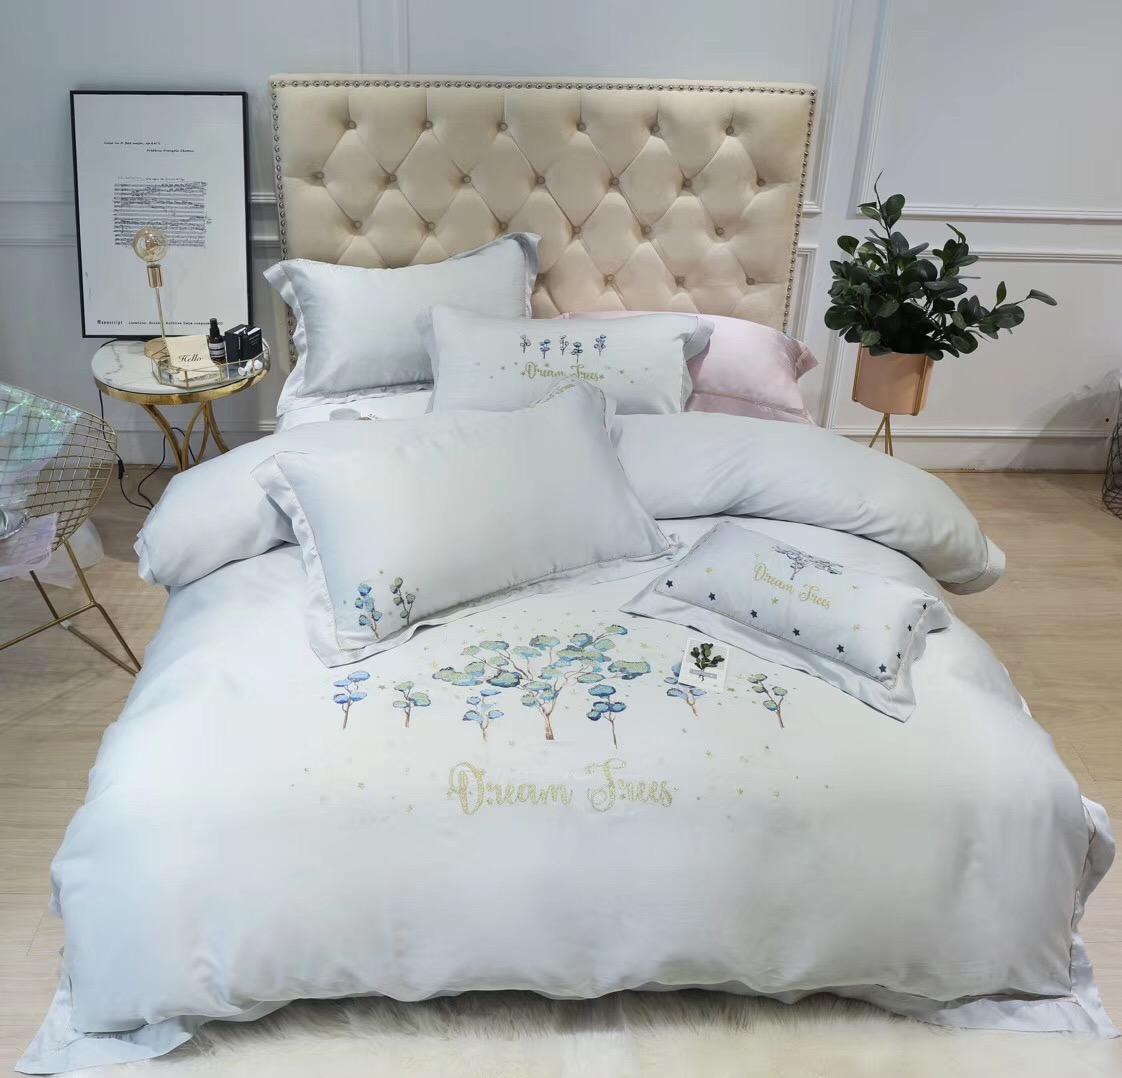 60支天丝四件套床品1.8m双人床4件套床上用品床单被套1.5米简约